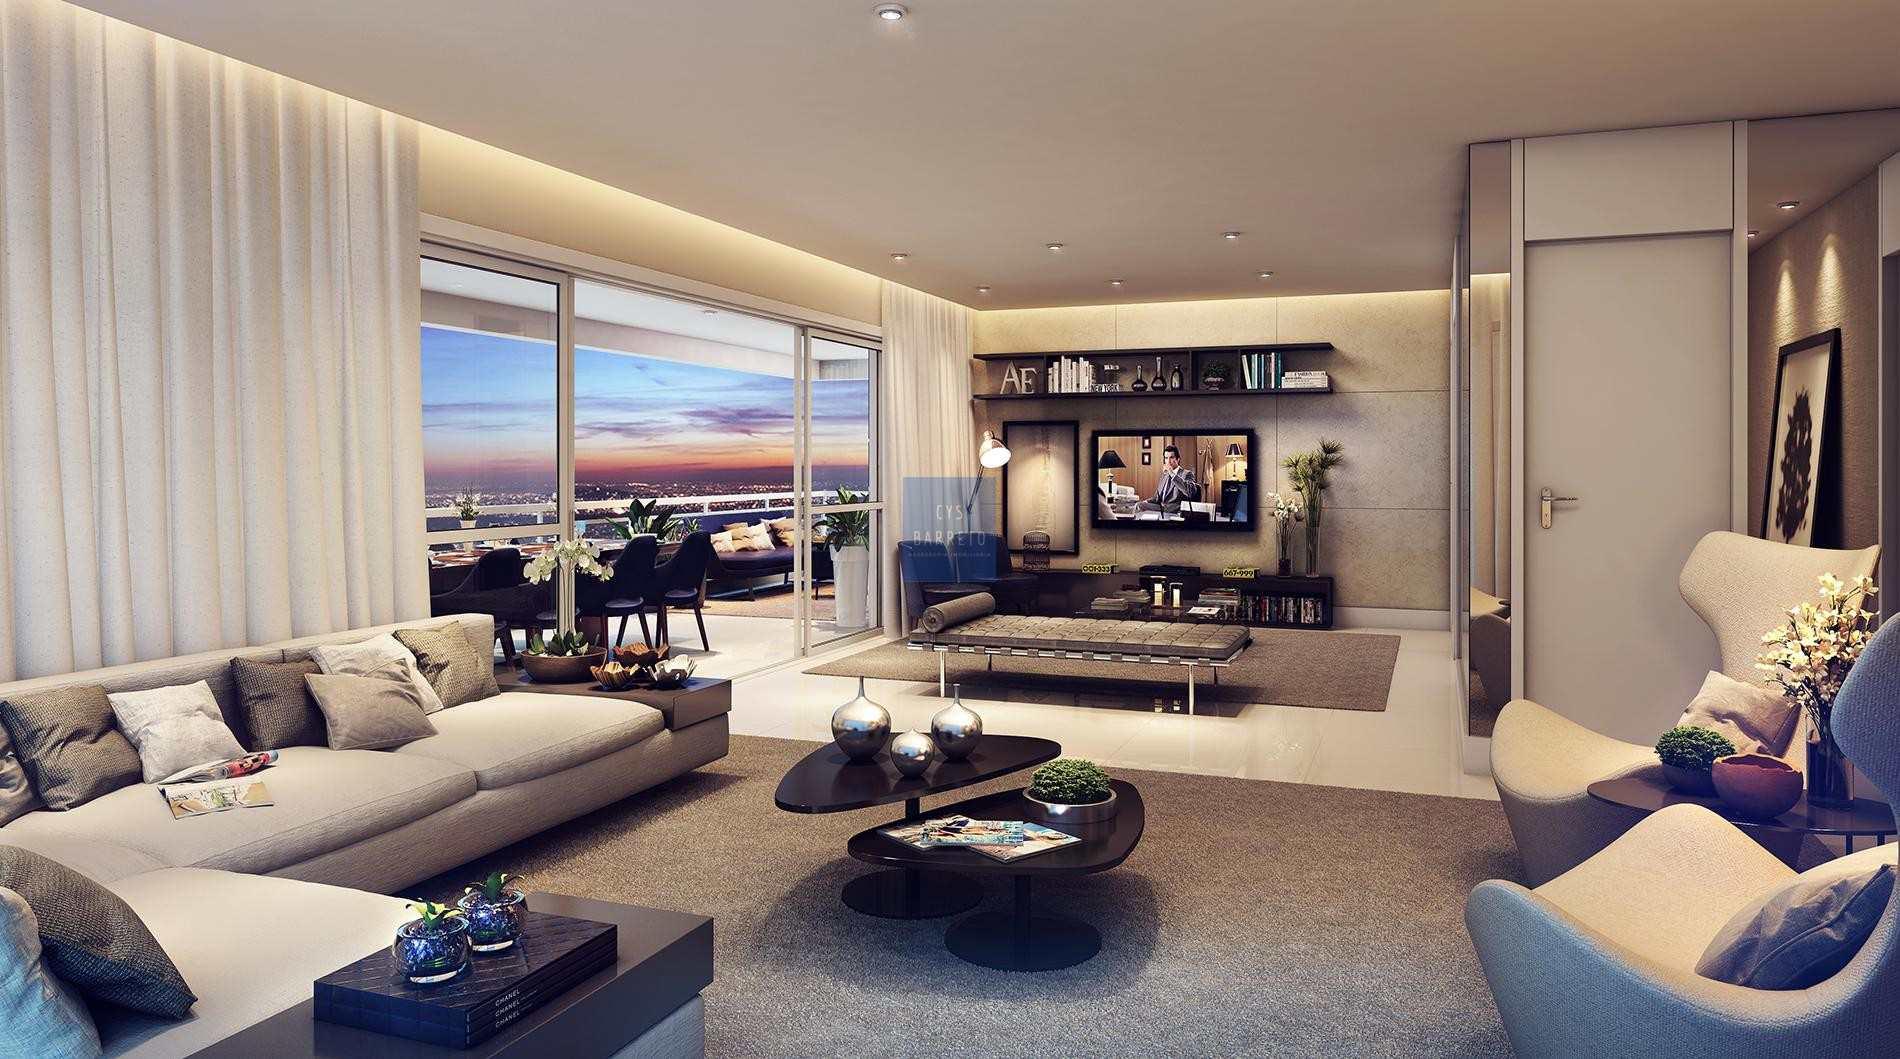 130567463098682054_original-perspectiva-ilustrada-do-living-do-apartamento-de-174-m